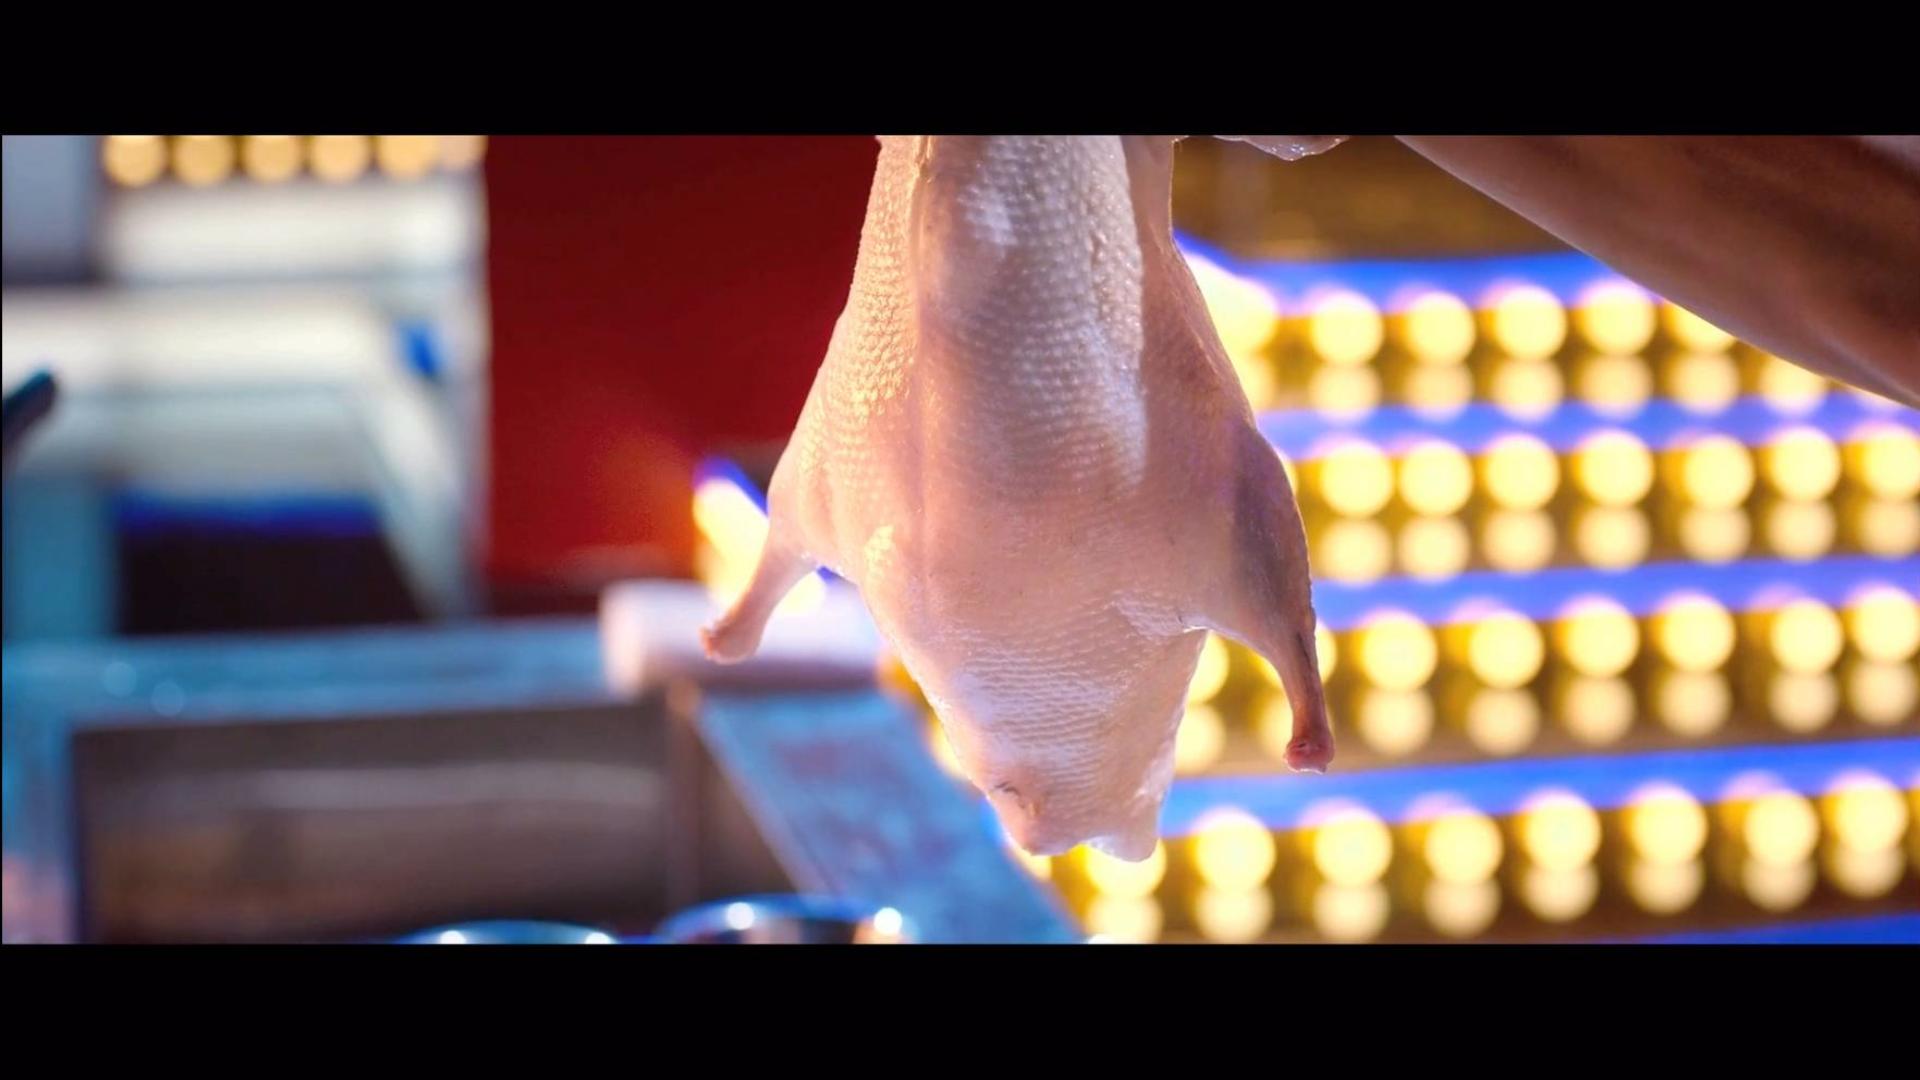 洪金宝谢霆锋做鸭 美女做的鸭刺身更可怕 电影里的做鸭片段盘点